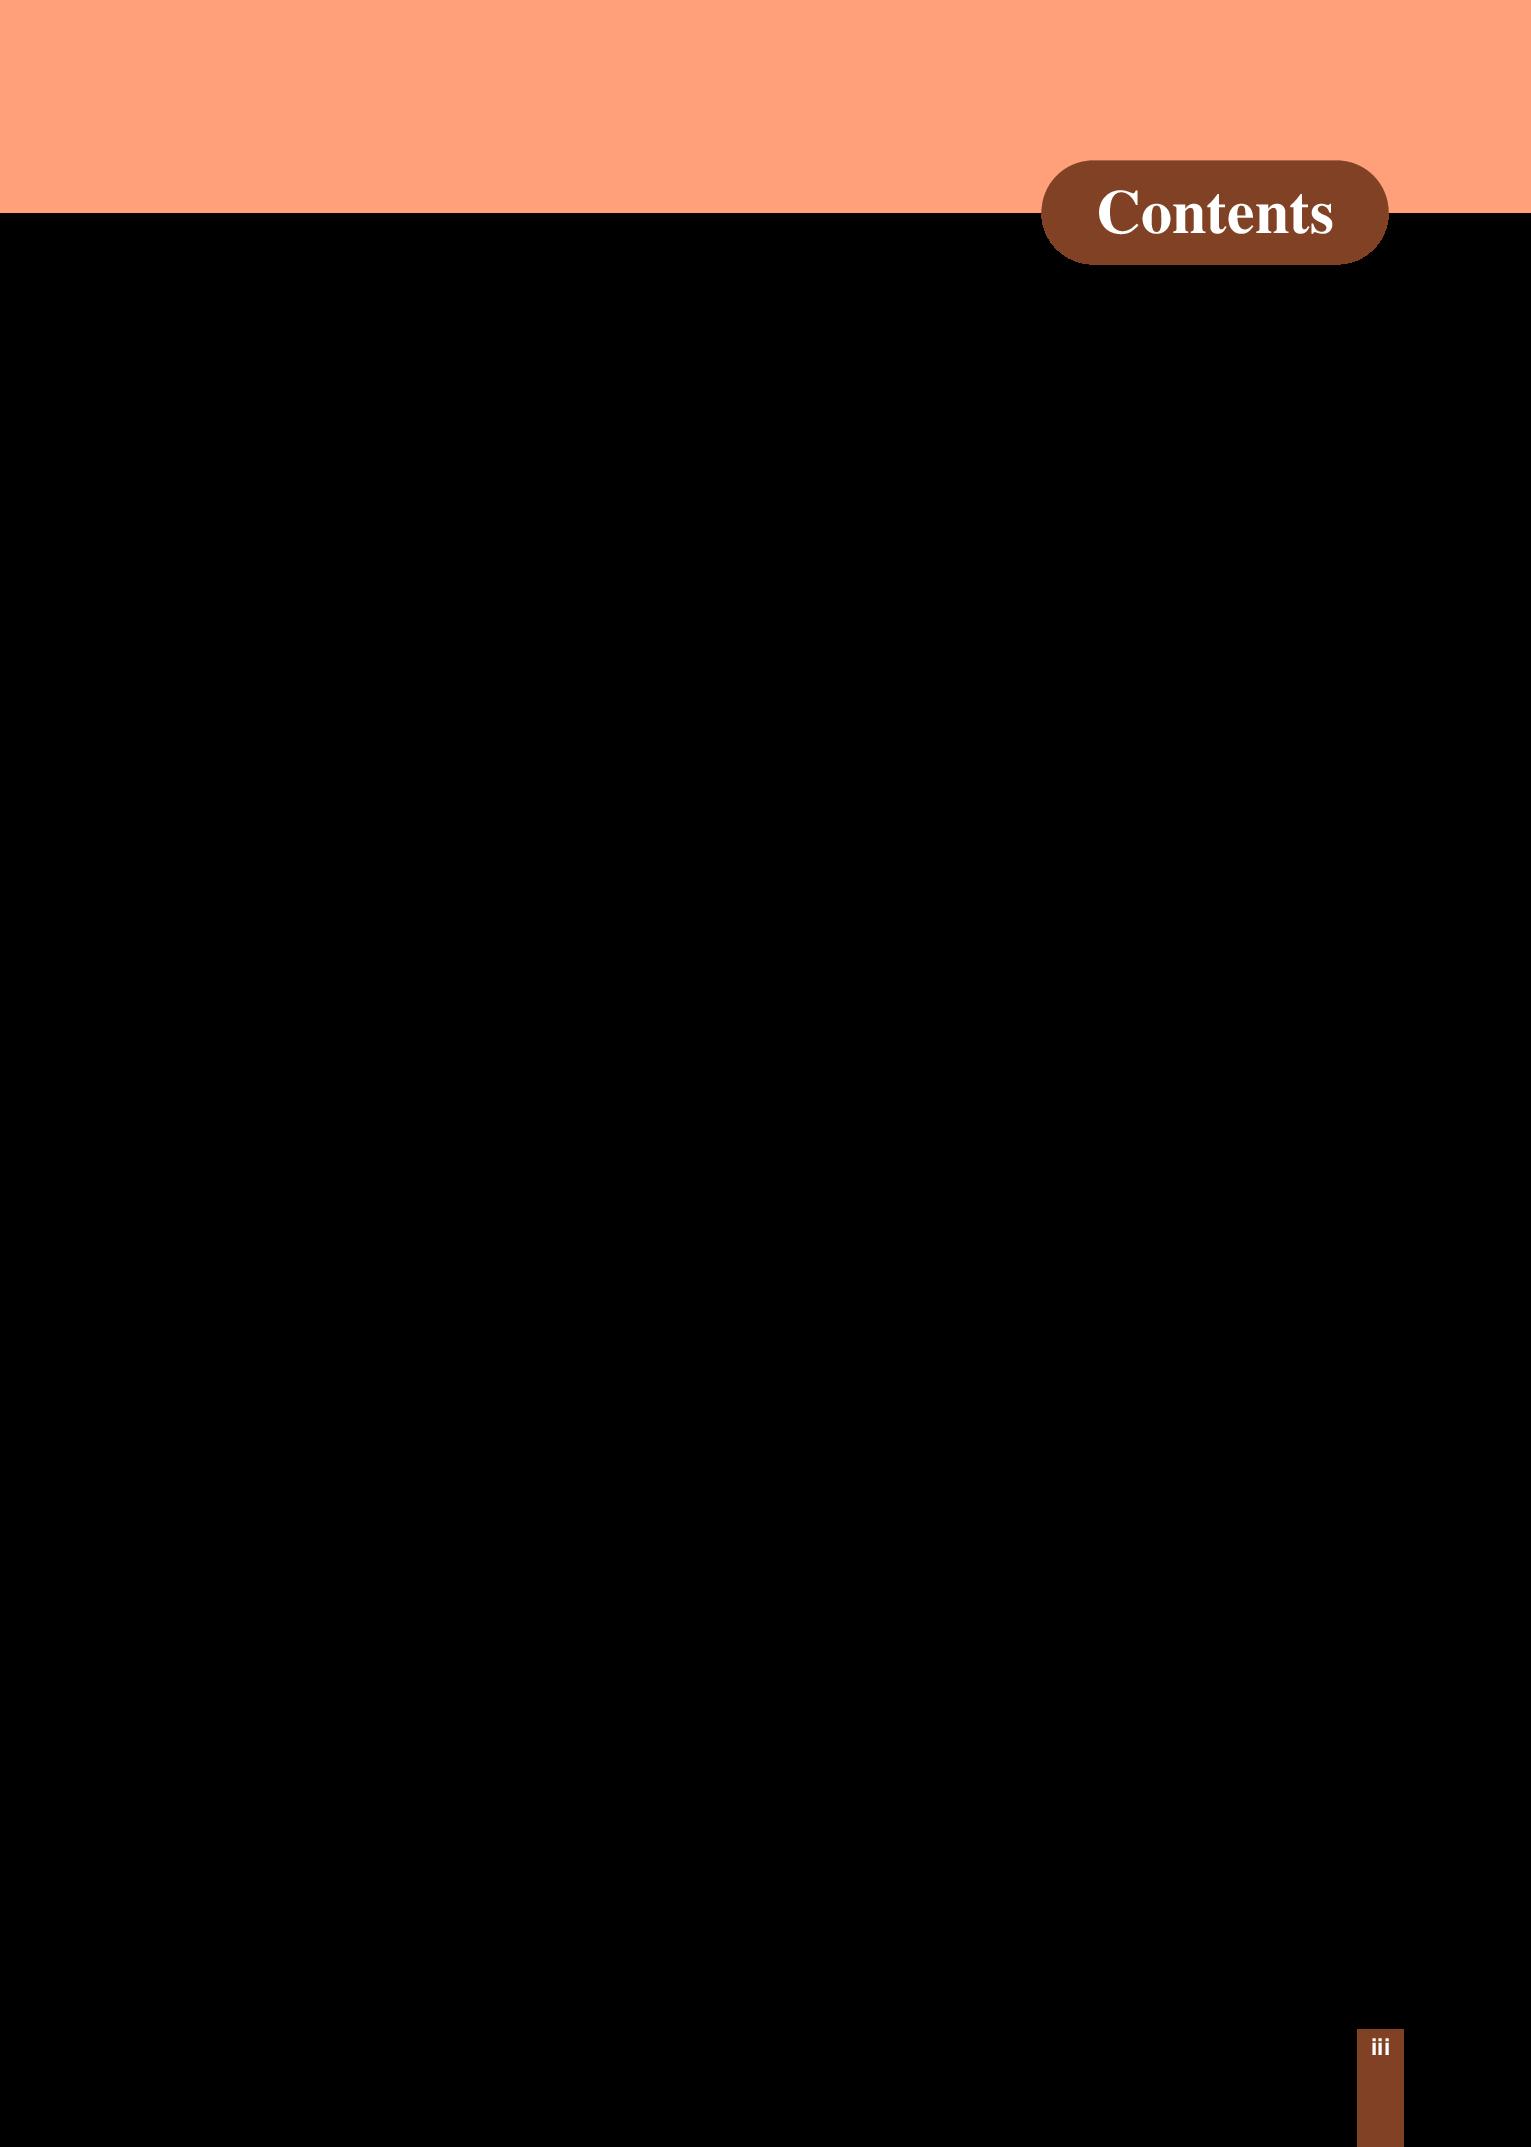 林莲枝设计的书籍样式样例分享